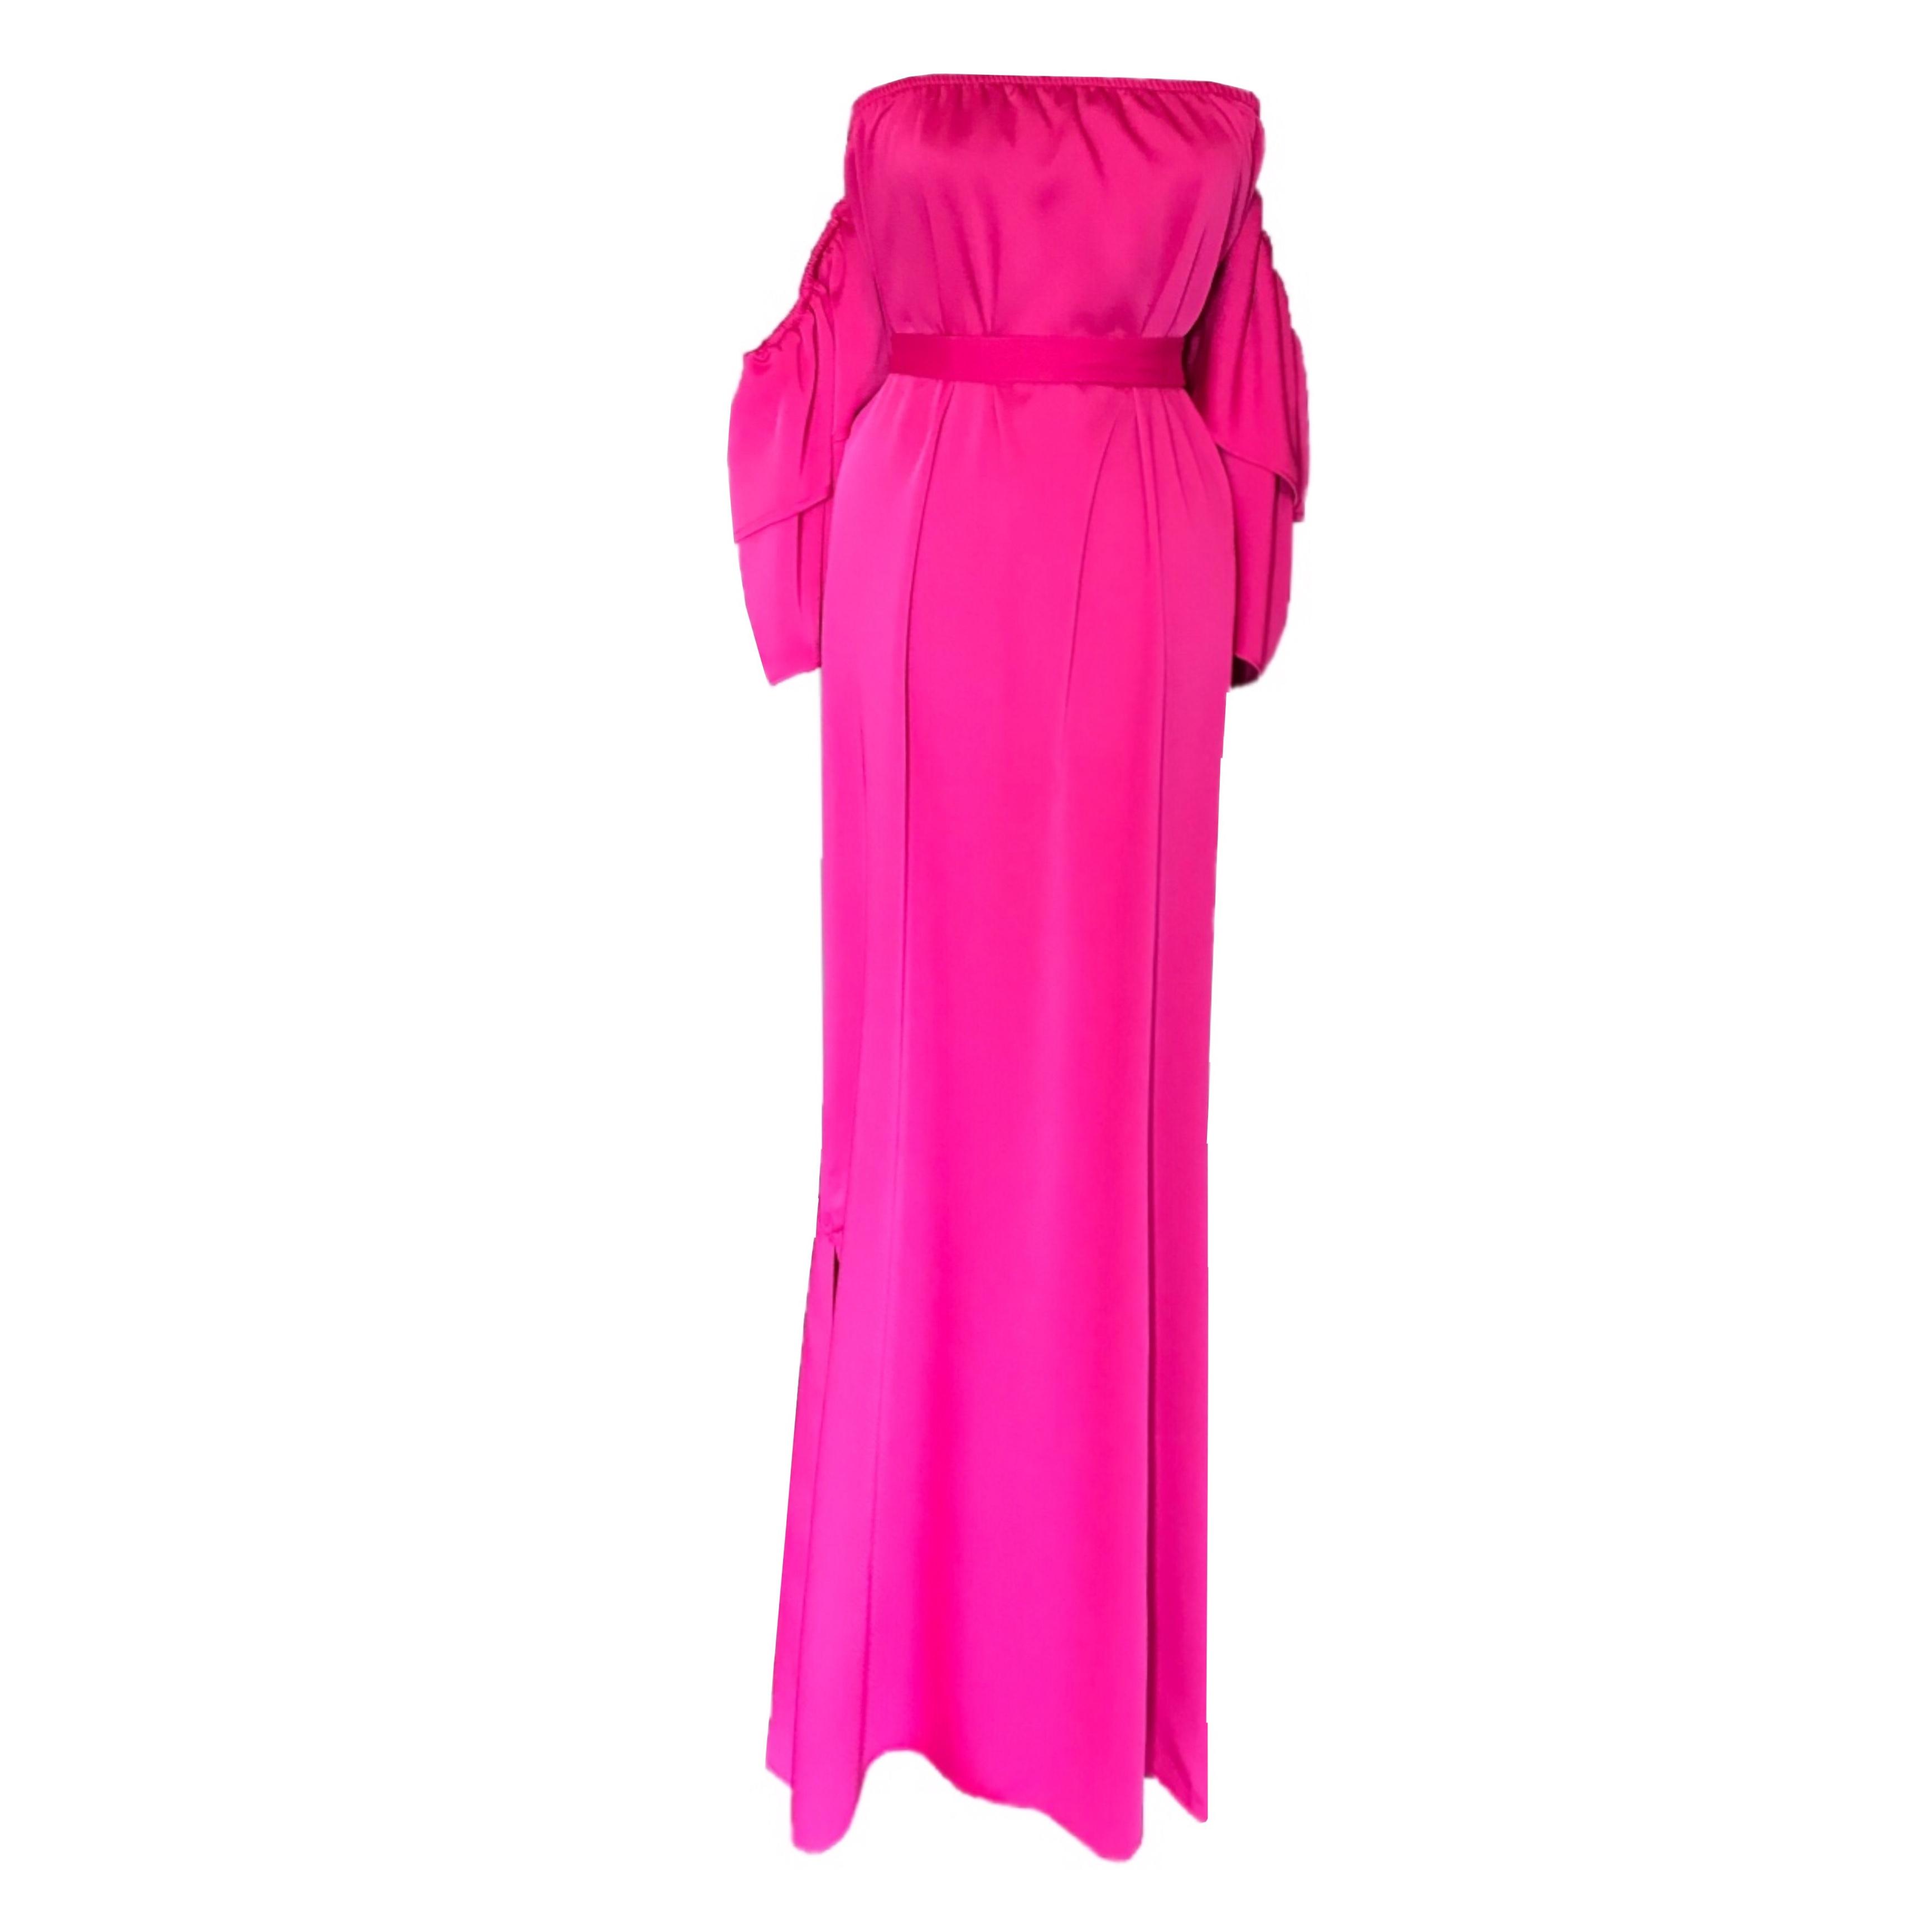 DIDEMΛYDIN Fuşya Saten Elbise